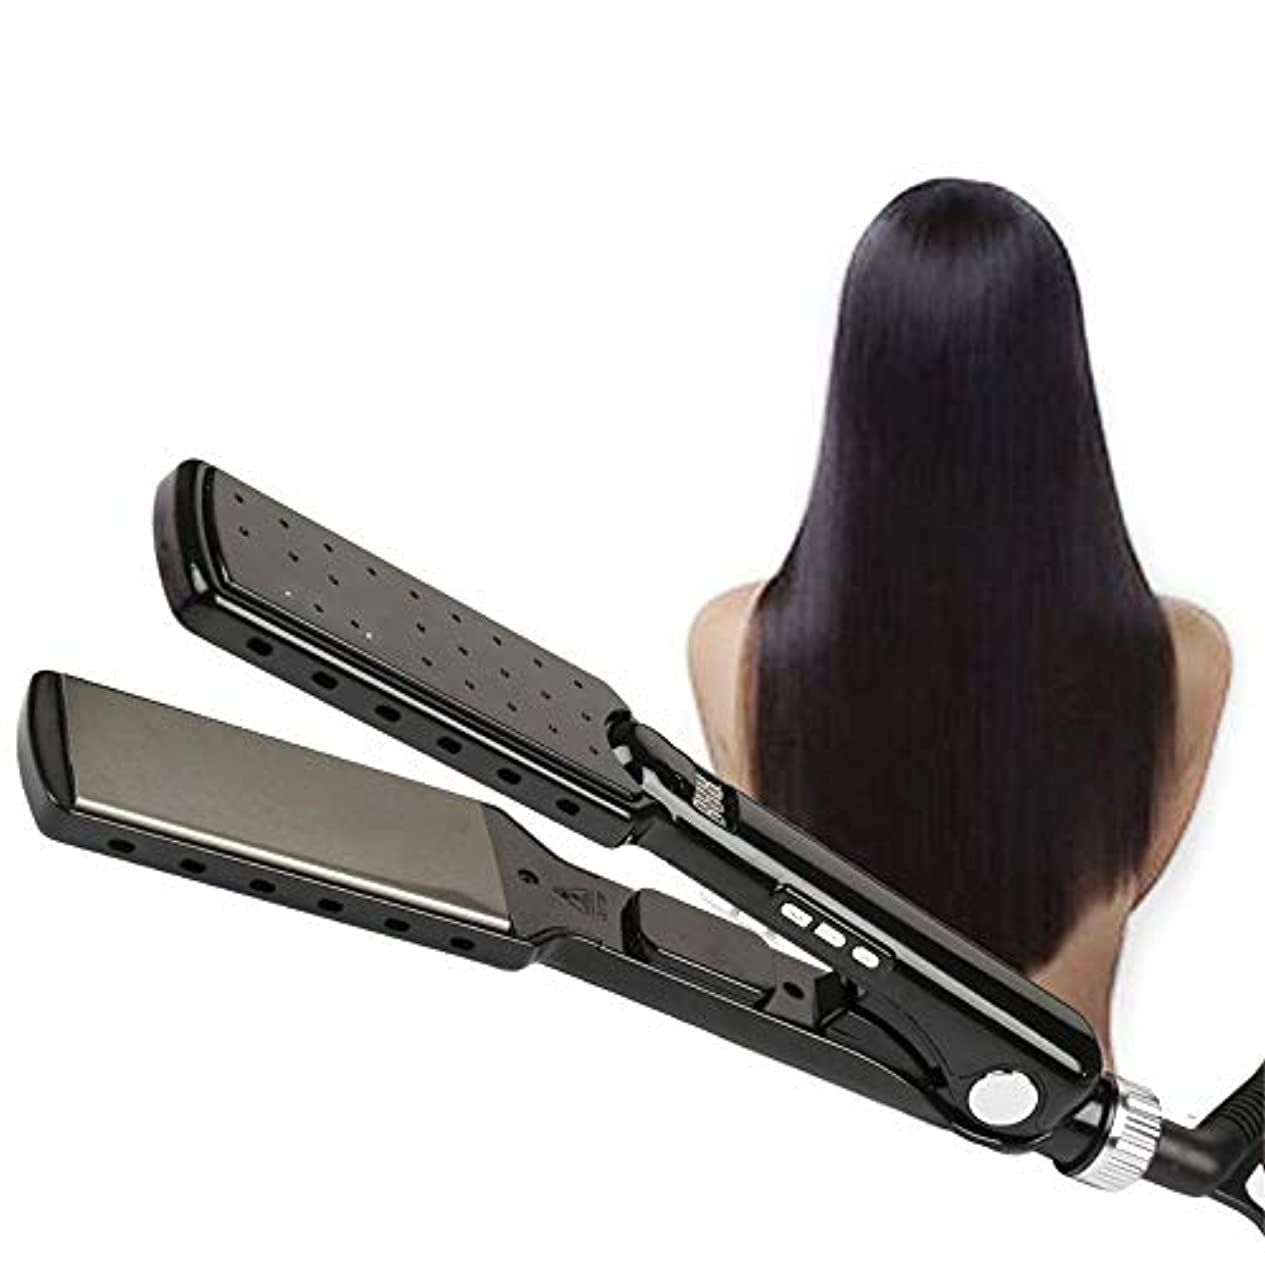 住居本気下品ストレートヘアスティック 360度回転デュアル電圧旅行毛矯正ストレート温度調節可能な毛矯正 すべてのタイプの髪に適しています (色 : A, サイズ : Free size)